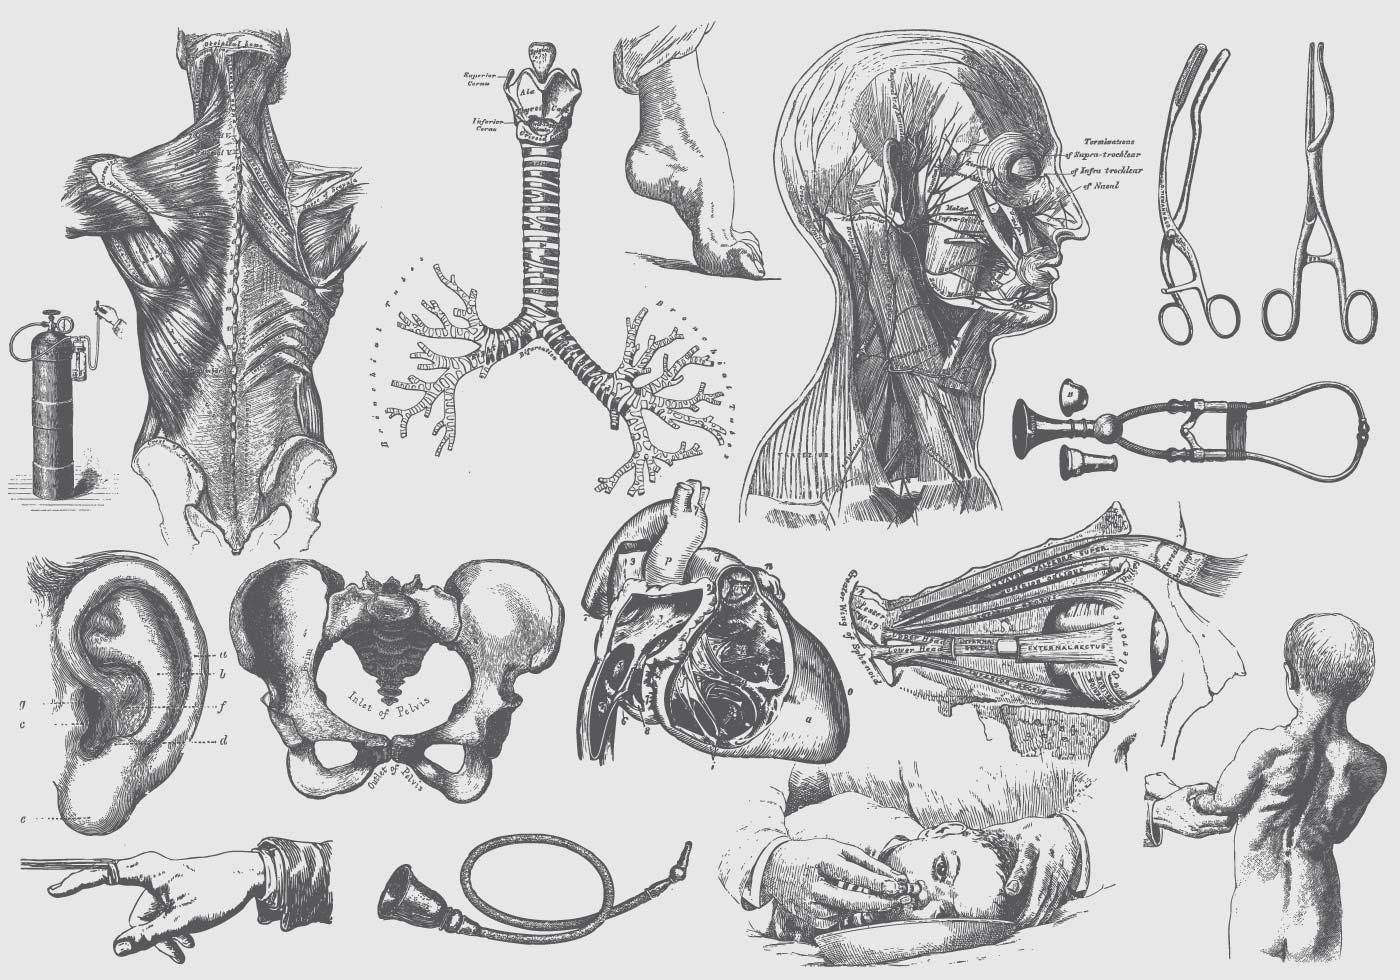 Grey Anatomy And Health Care Ilustraciones - Descargue Gráficos y ...